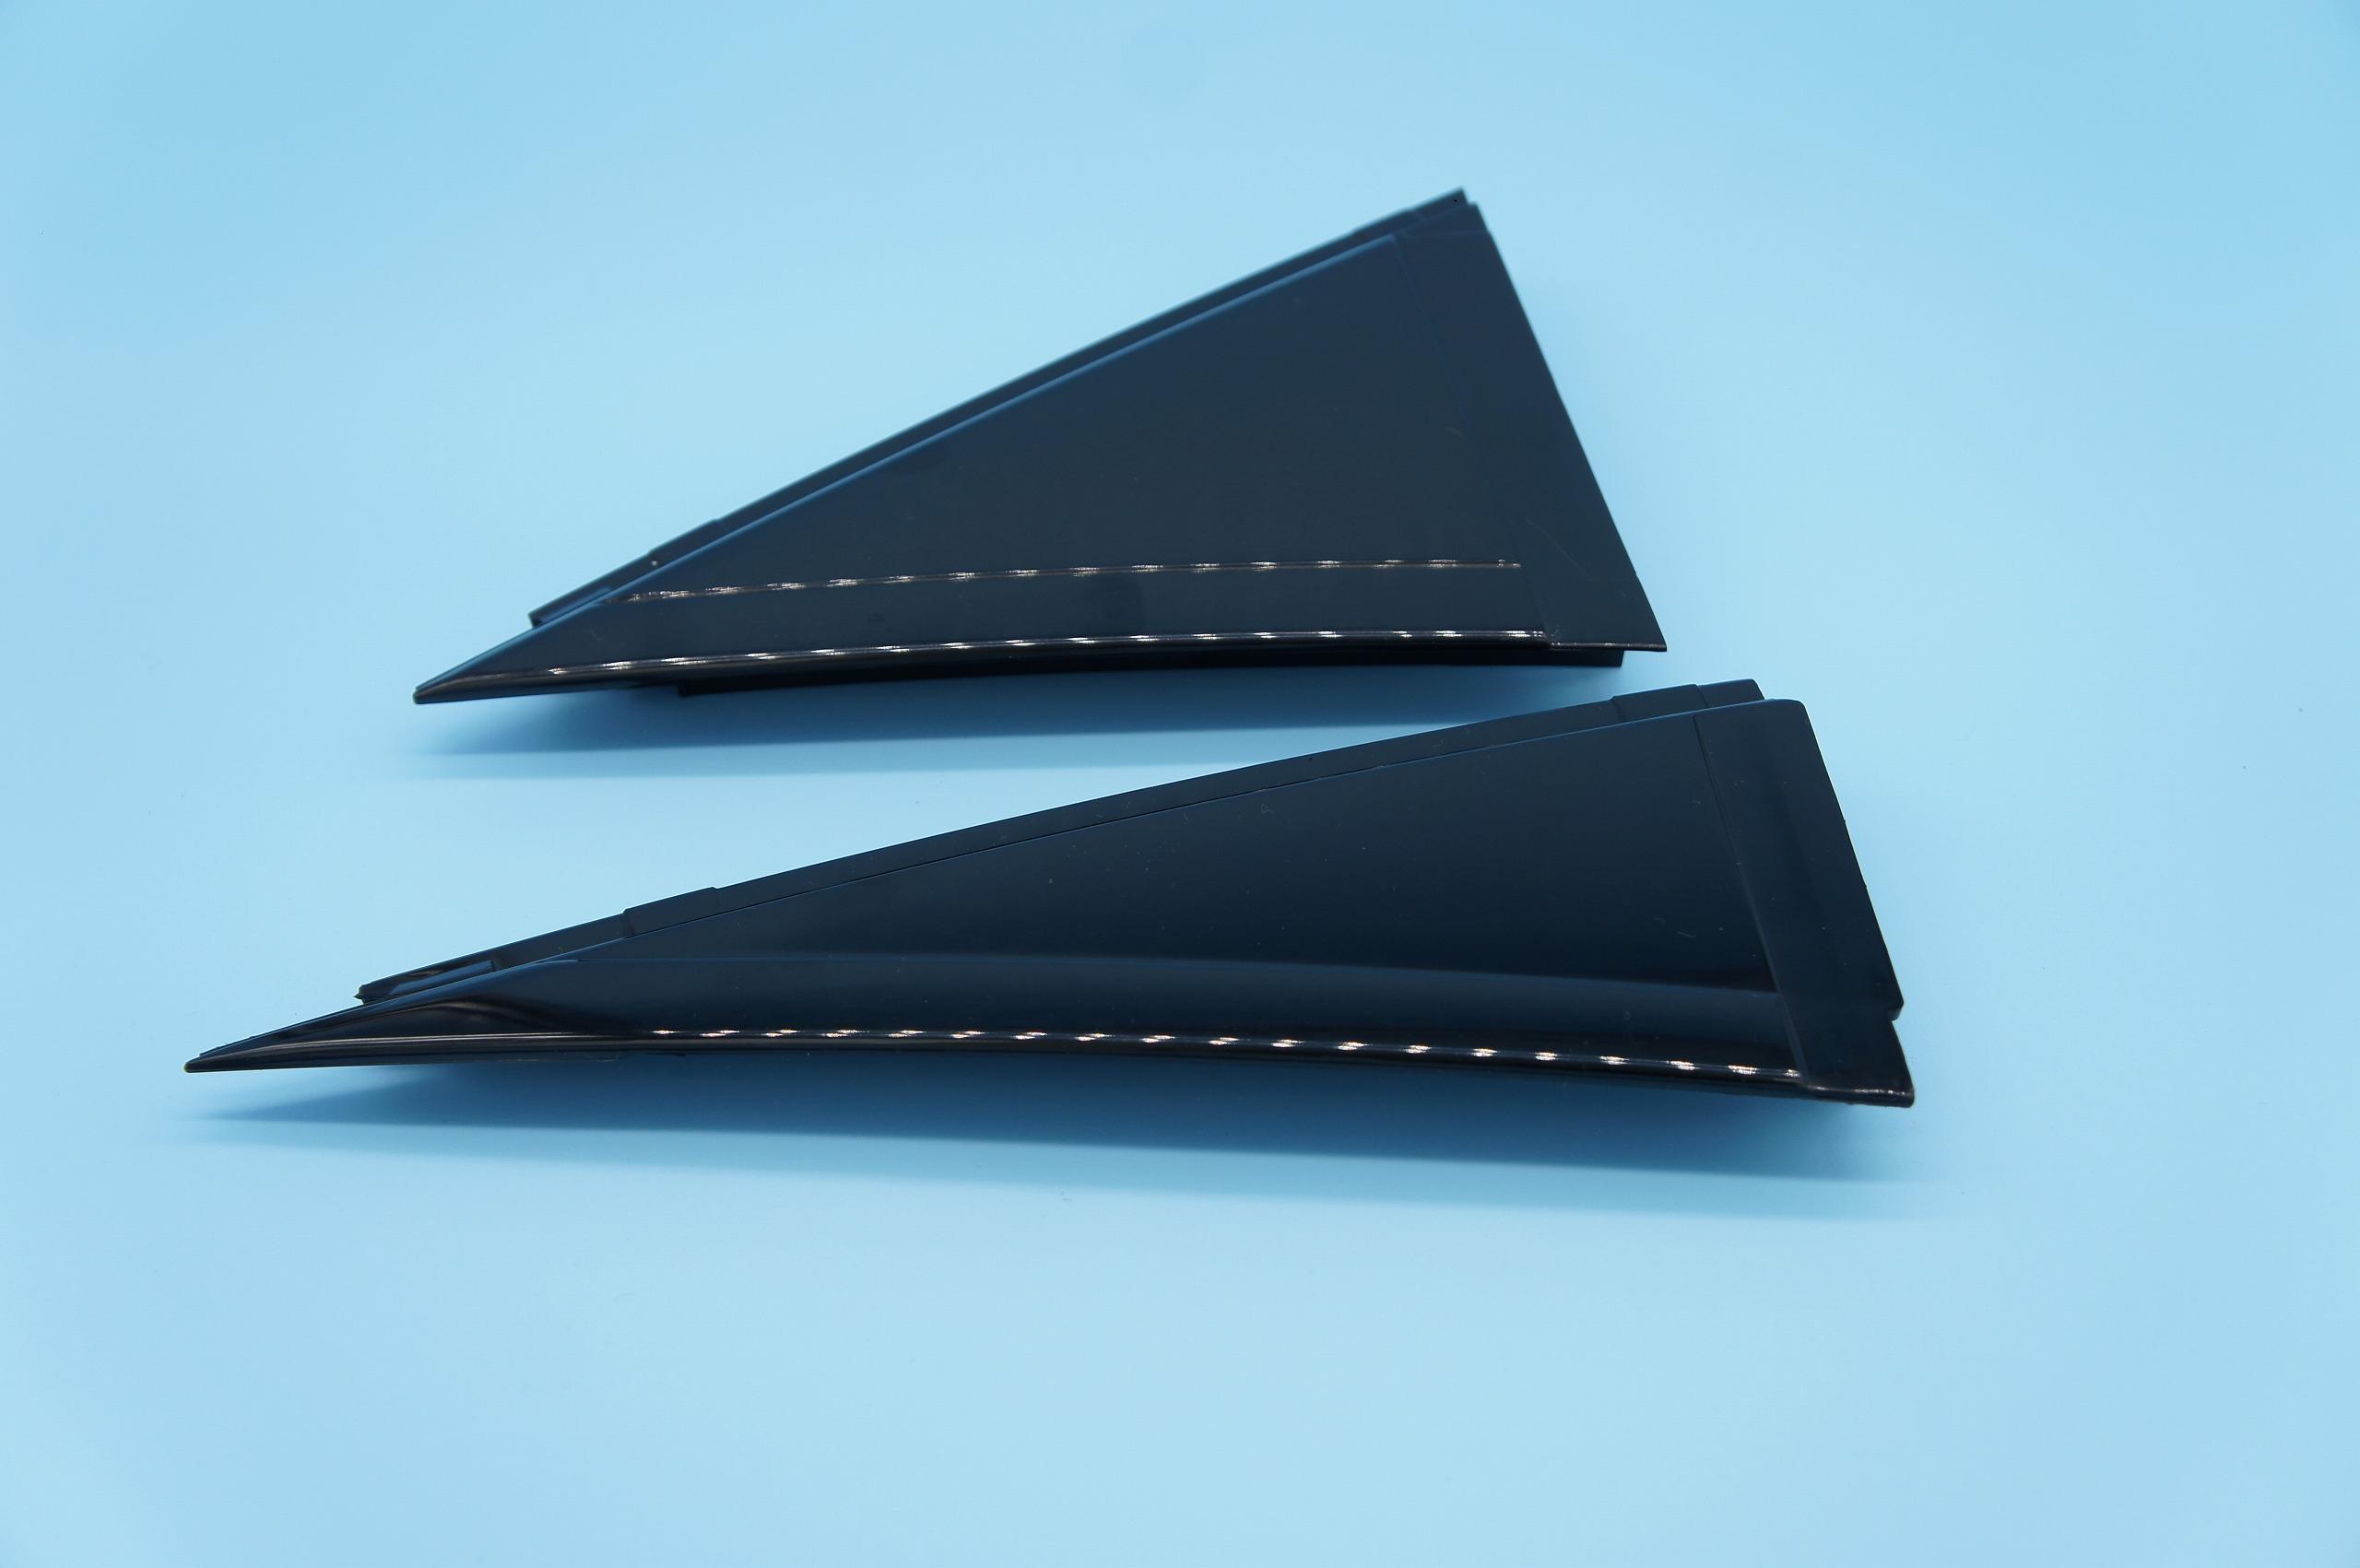 アウターカバー アウターカバー プレス加工と金型の設計・製作でチャレンジを続ける会社 株式会社フクヤマ